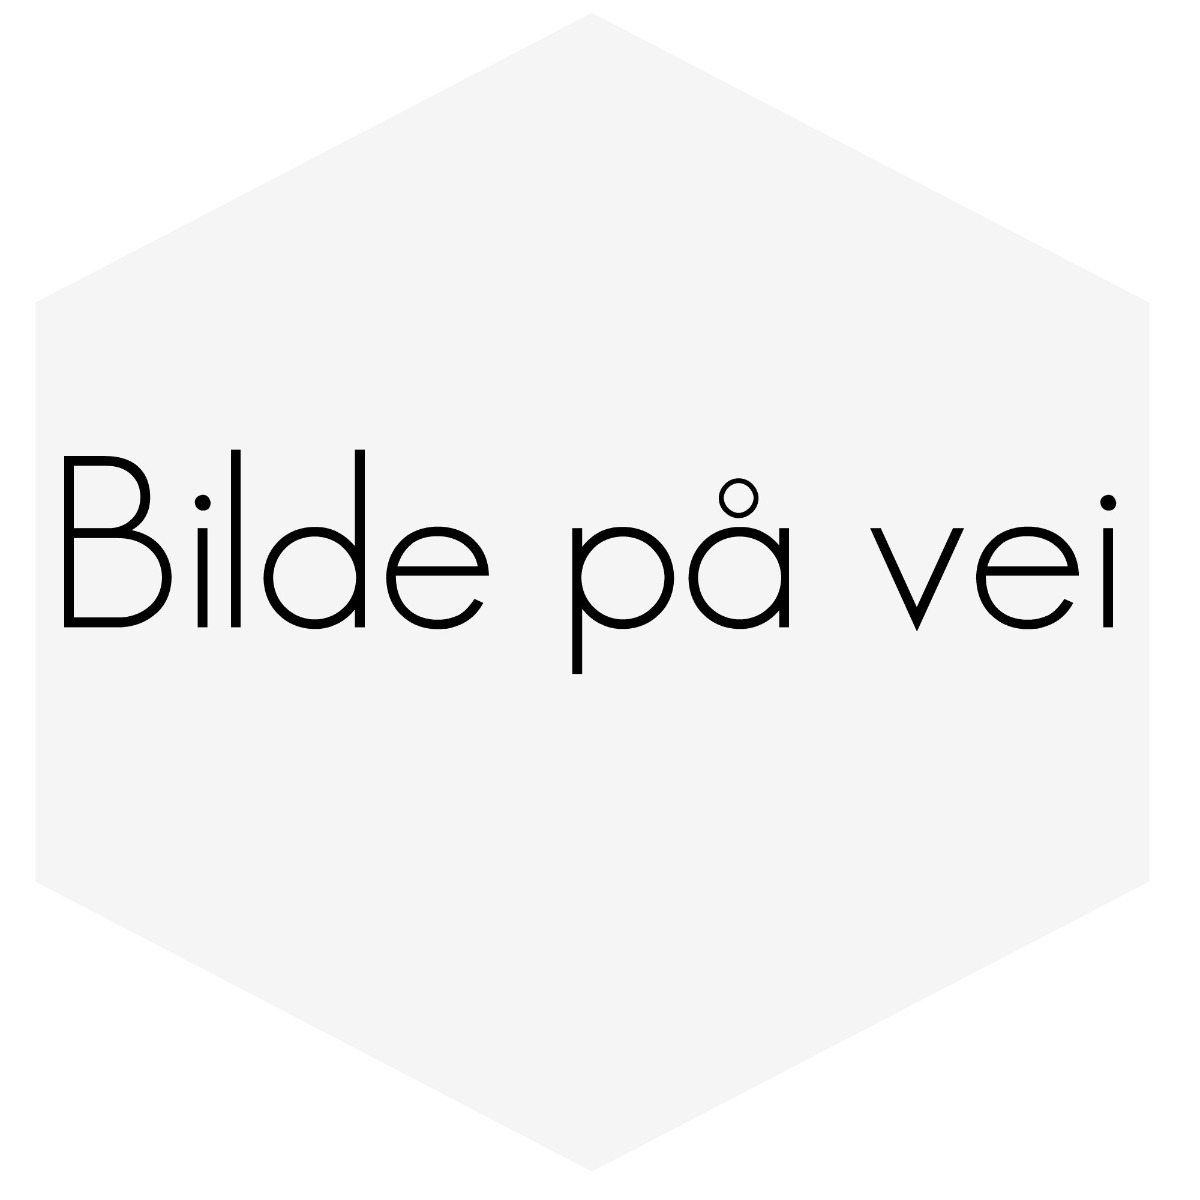 SILIKONSLANGE KITT 240 VANNSLANGER  3STK  BLÅ